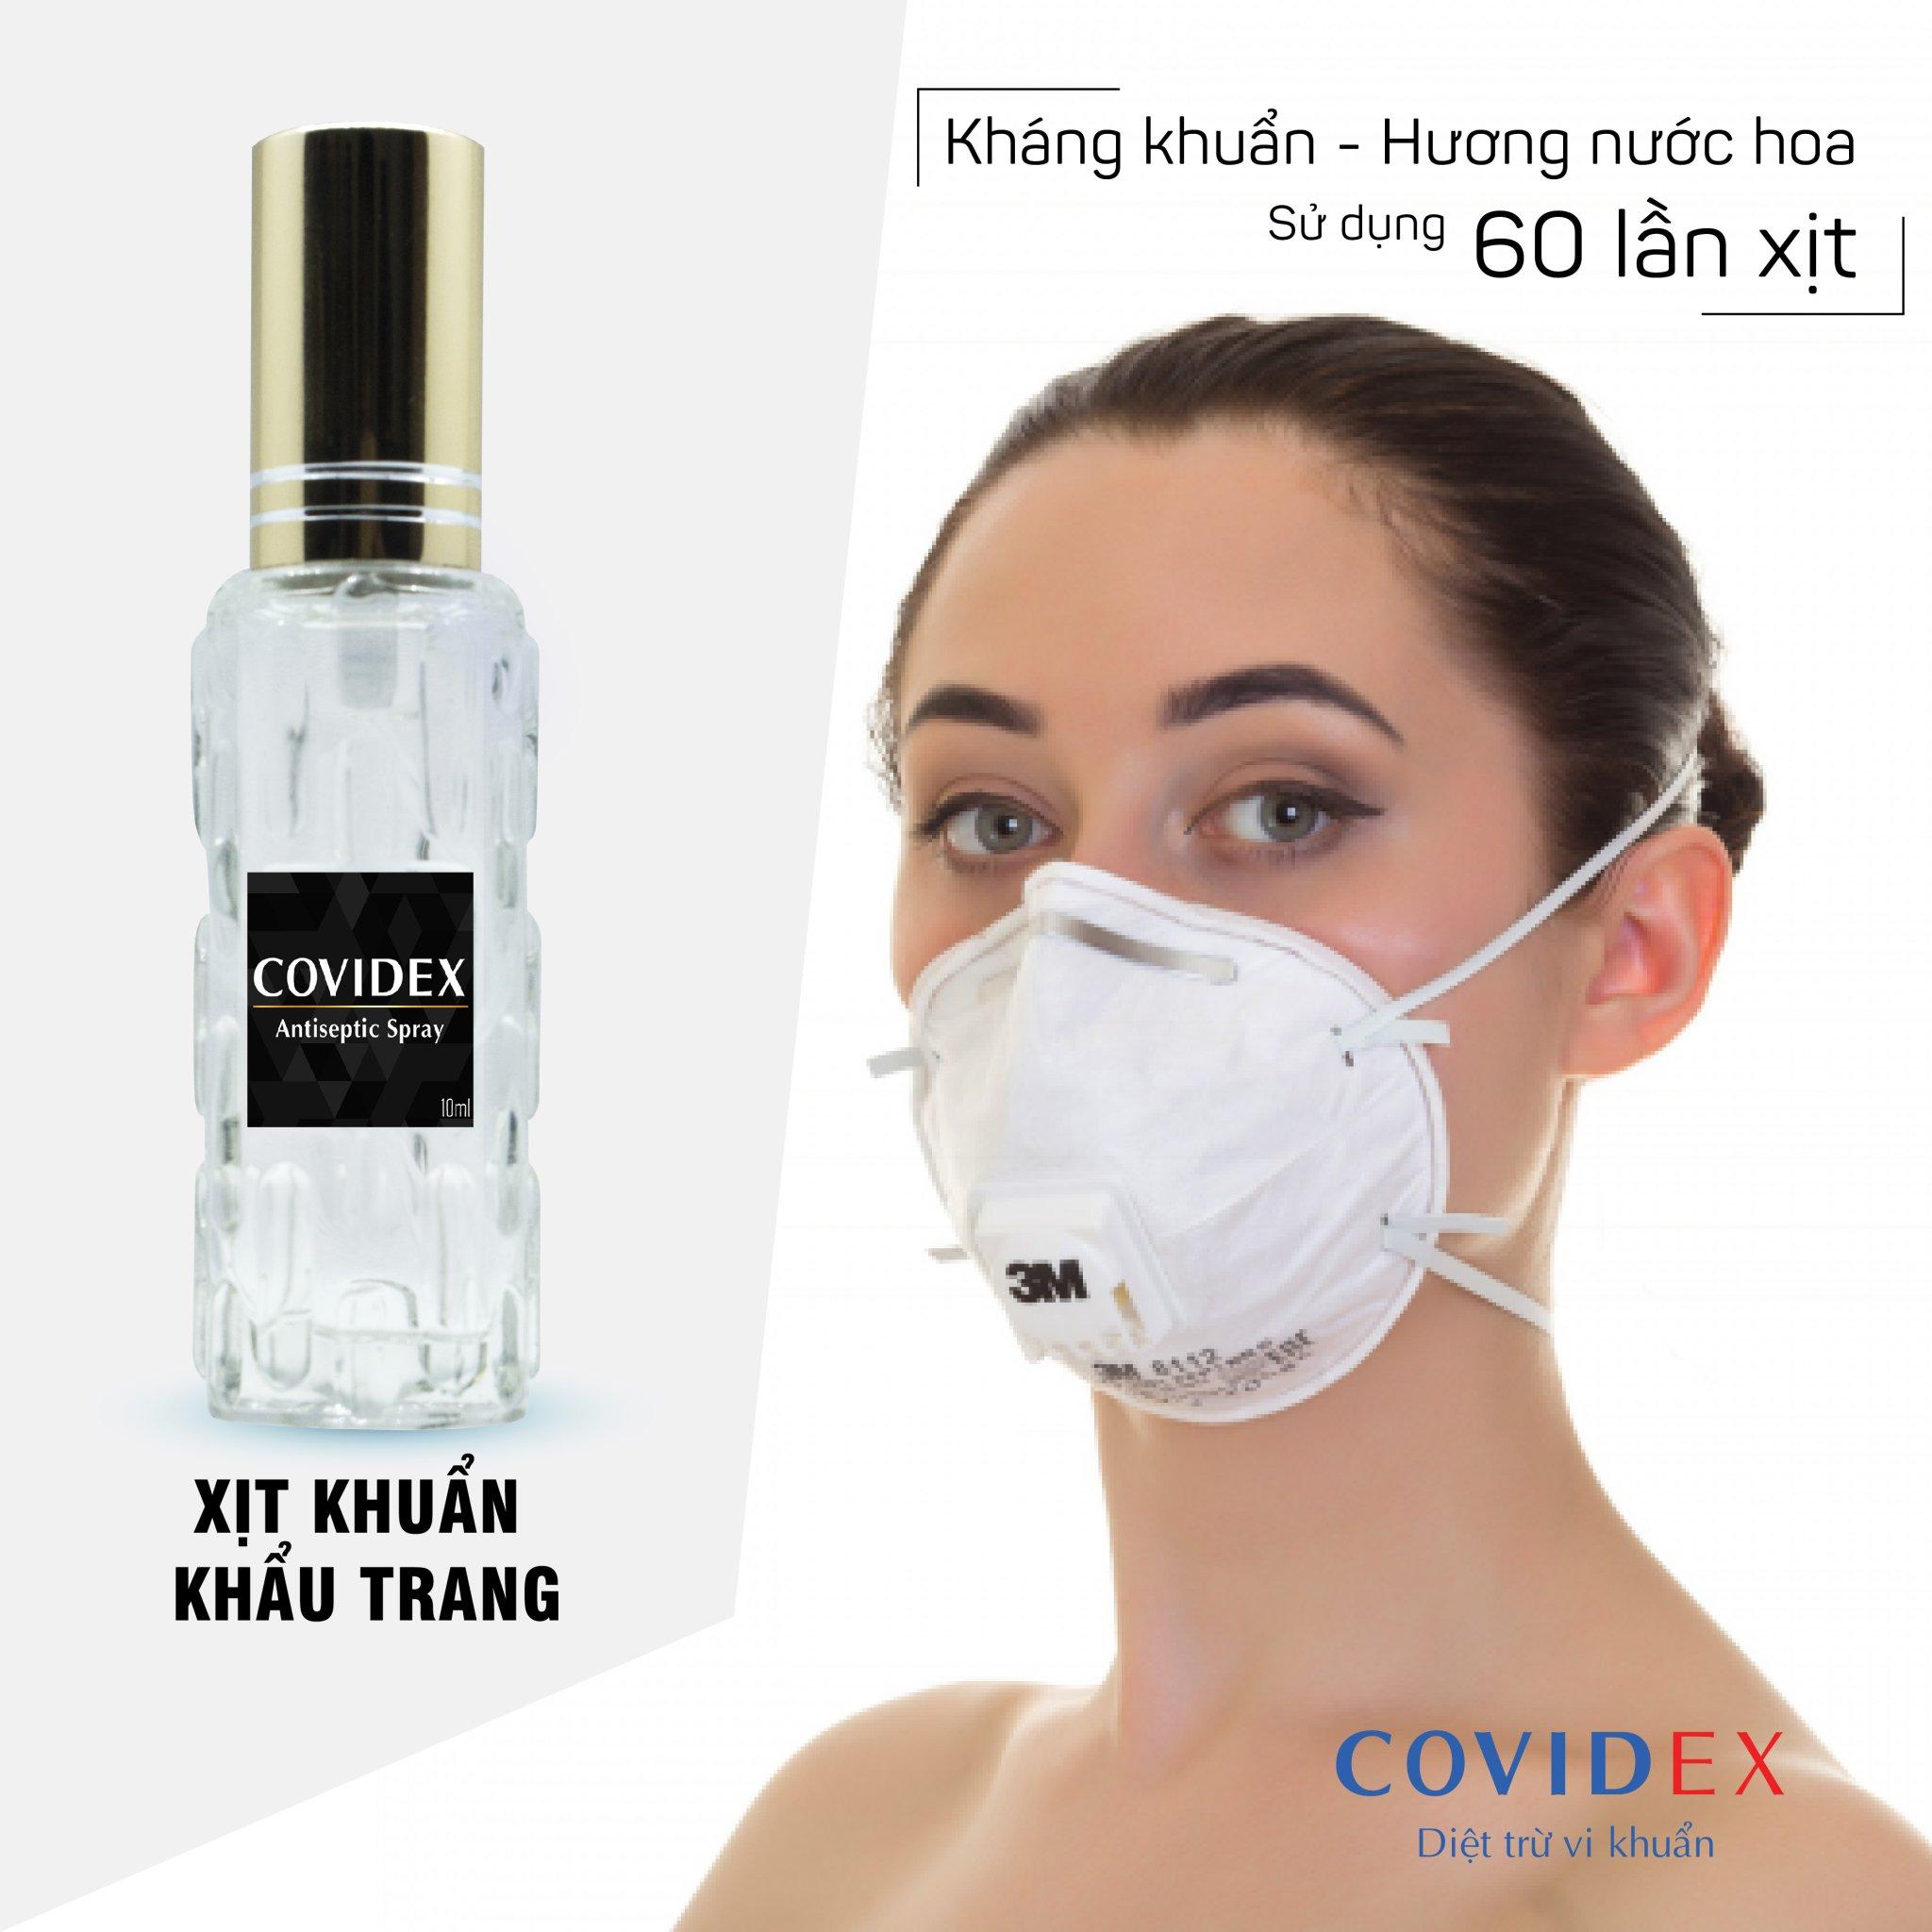 Chai xịt khử khuẩn cho khẩu trang - Covidex hương nước hoa